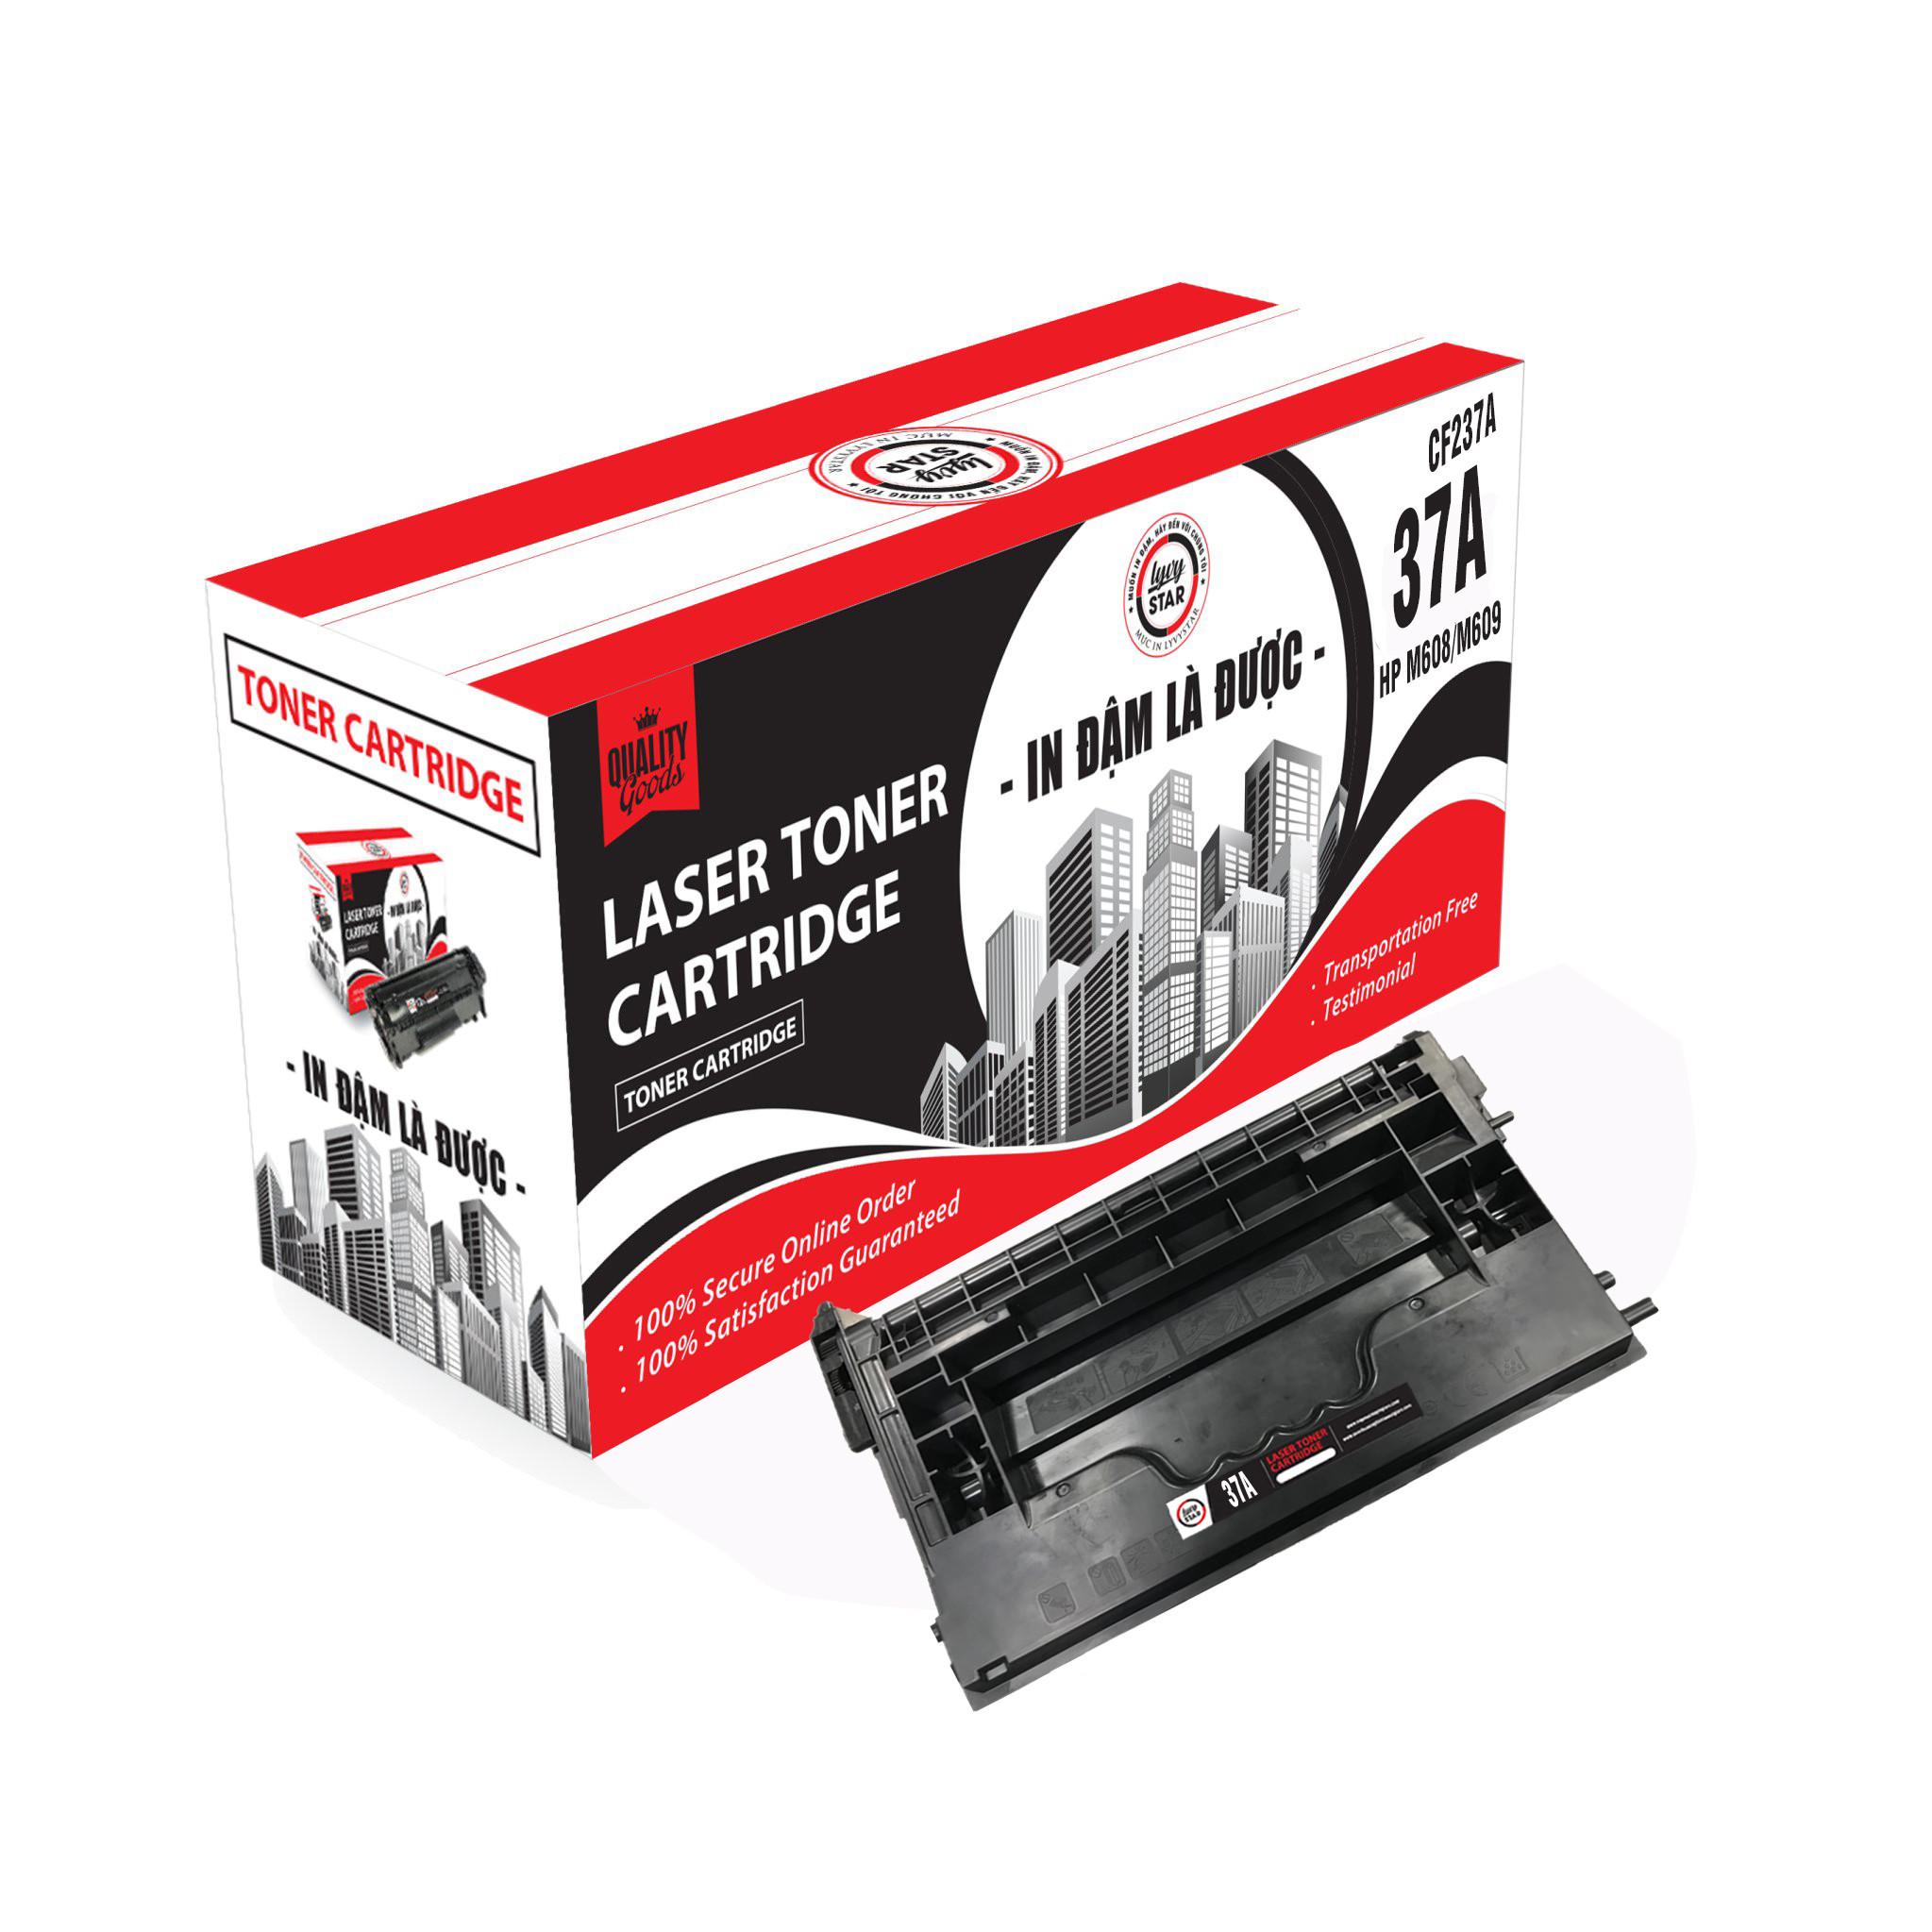 Mực in Lyvystar 37A (CF237A) dùng cho máy HP LaserJet Enterprise M607dn - Hàng chính hãng